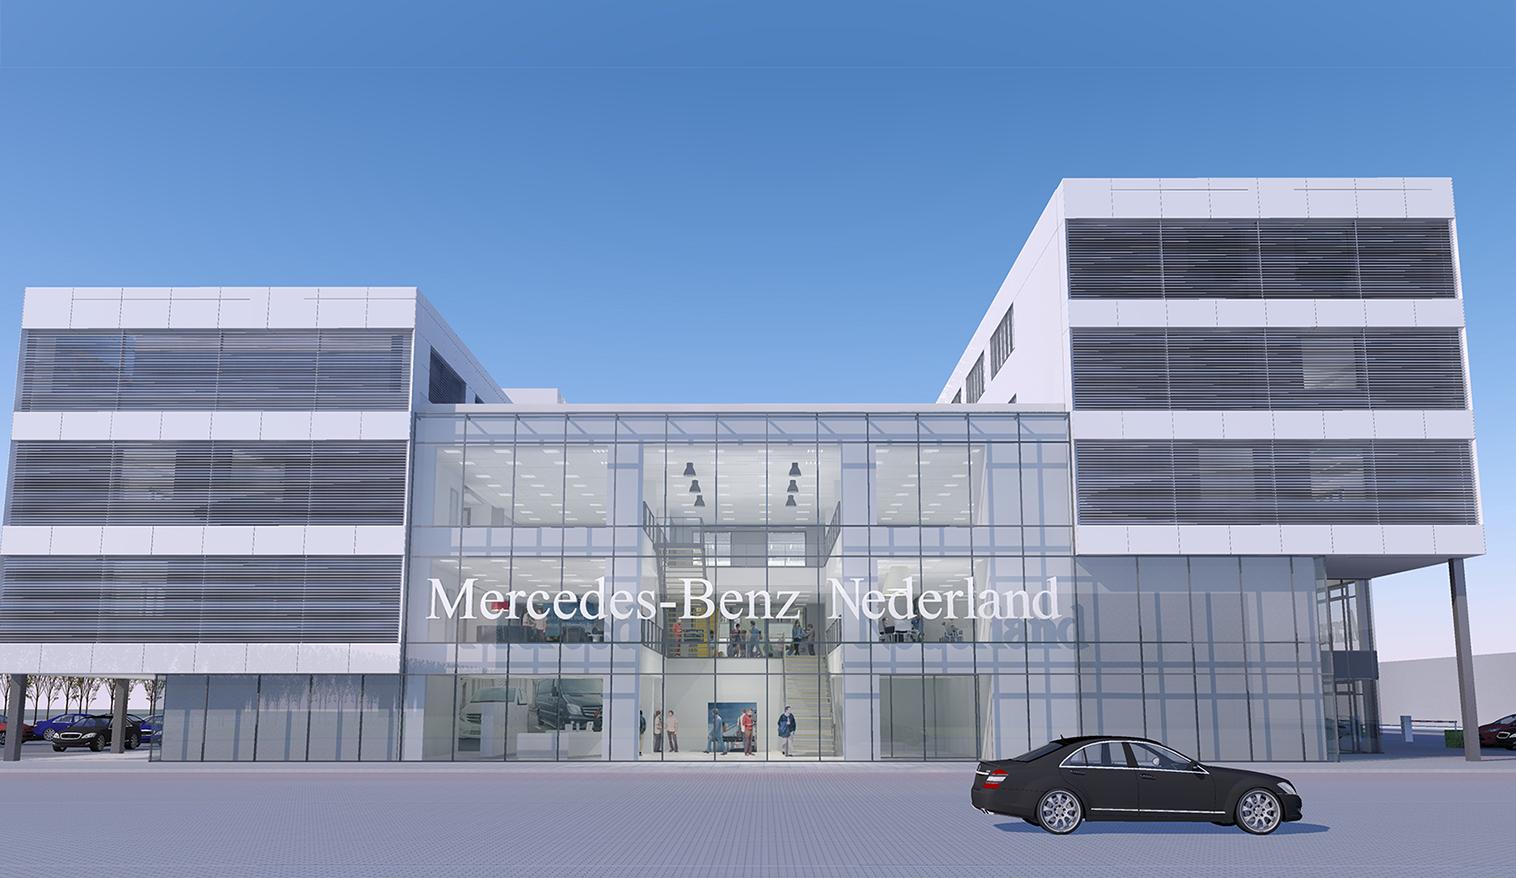 05 OPL Architecten_Mercedes Benz HQ-1516×878-72dpi